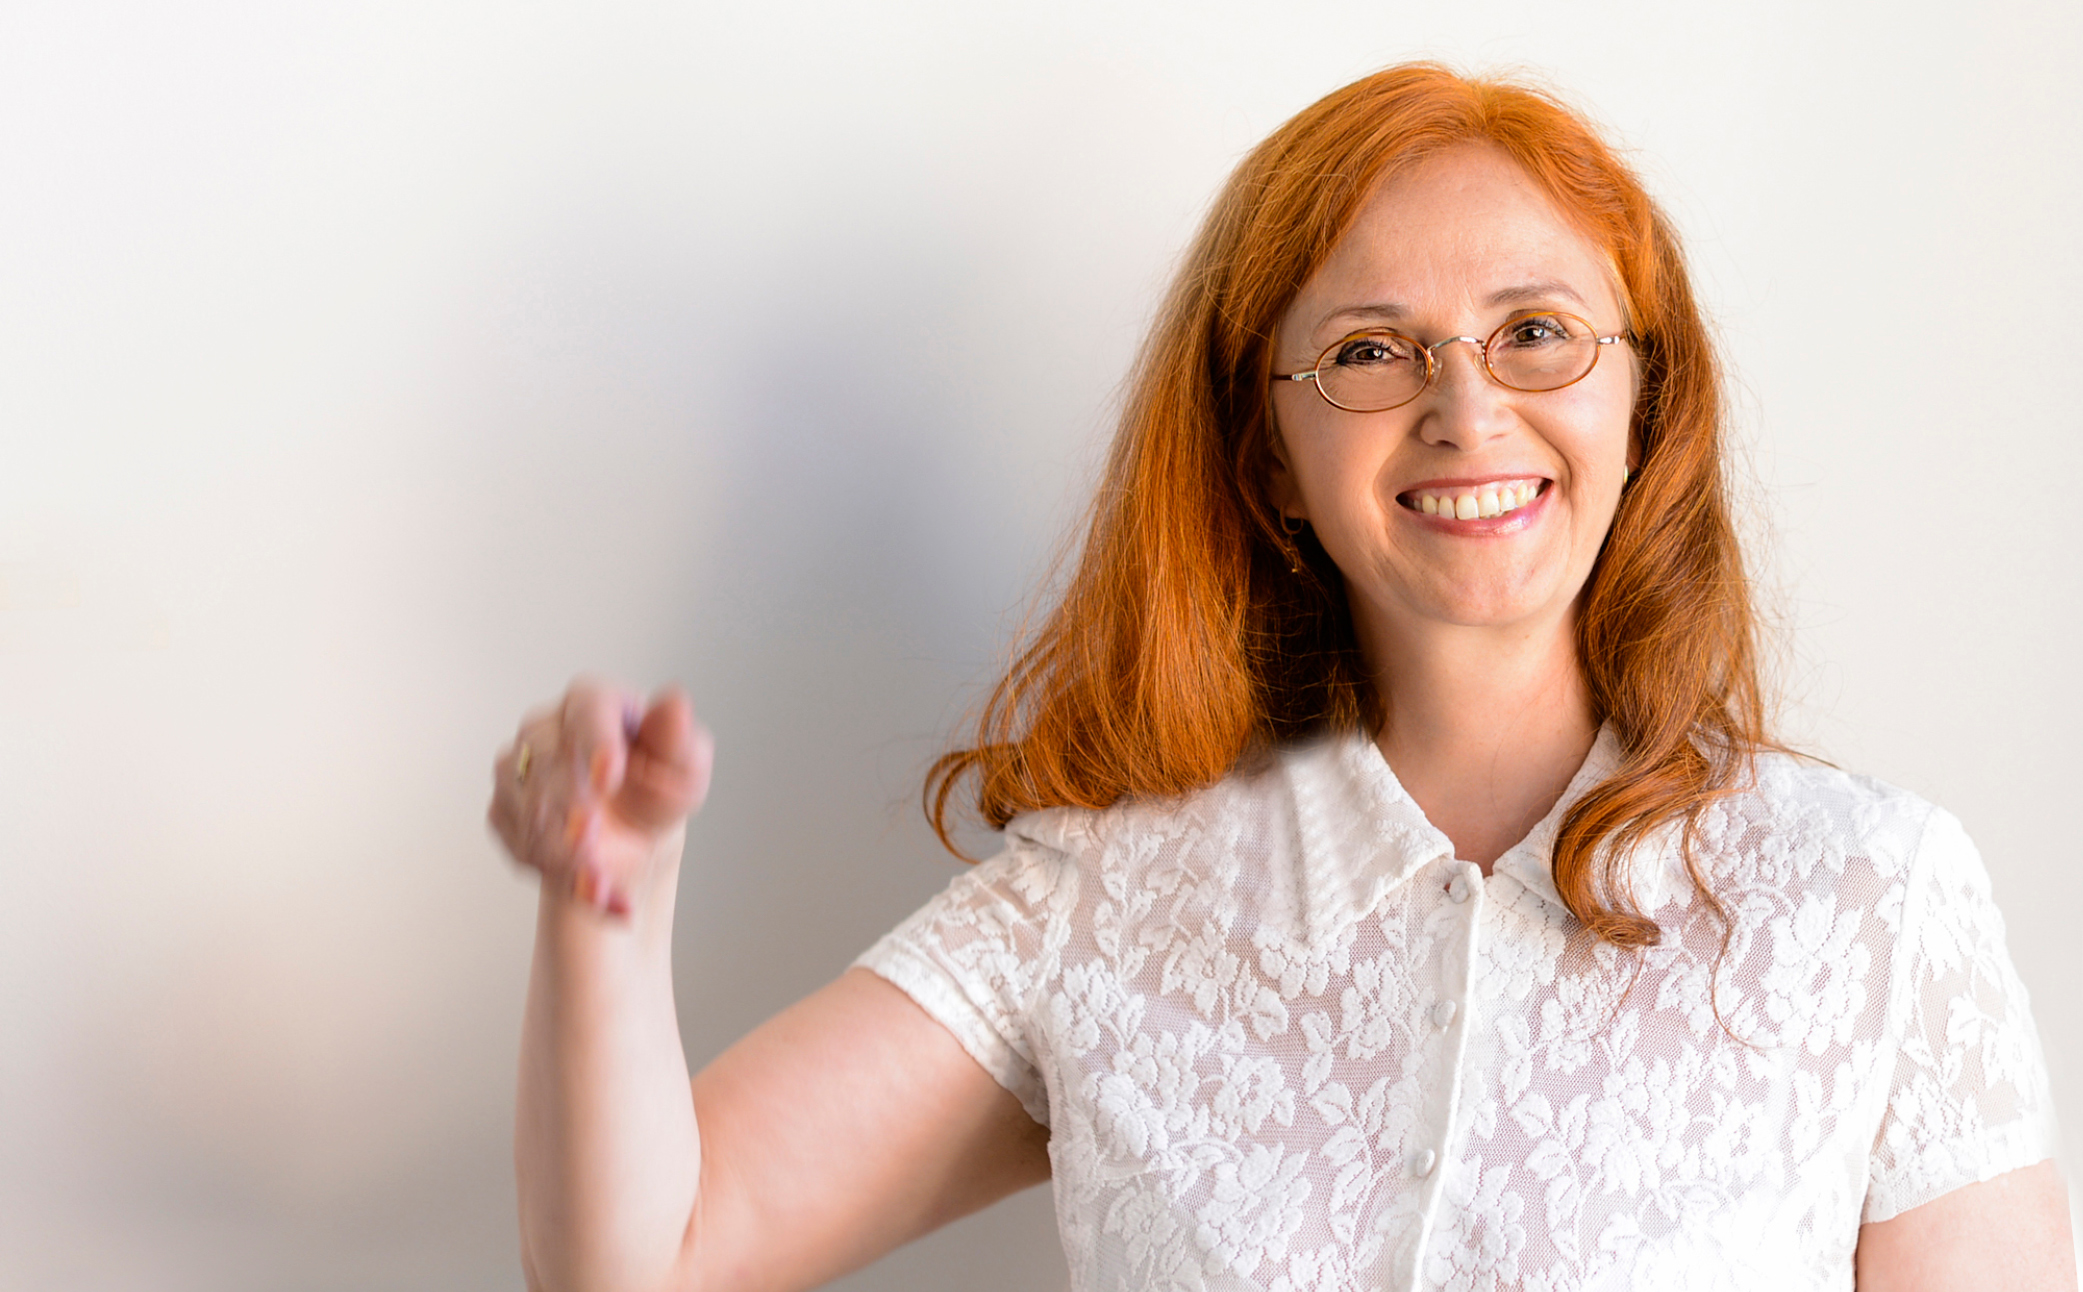 Hier sehen Sie eine glückliche Frau - Business Branding - Business Portraits - Fotograf Berlin